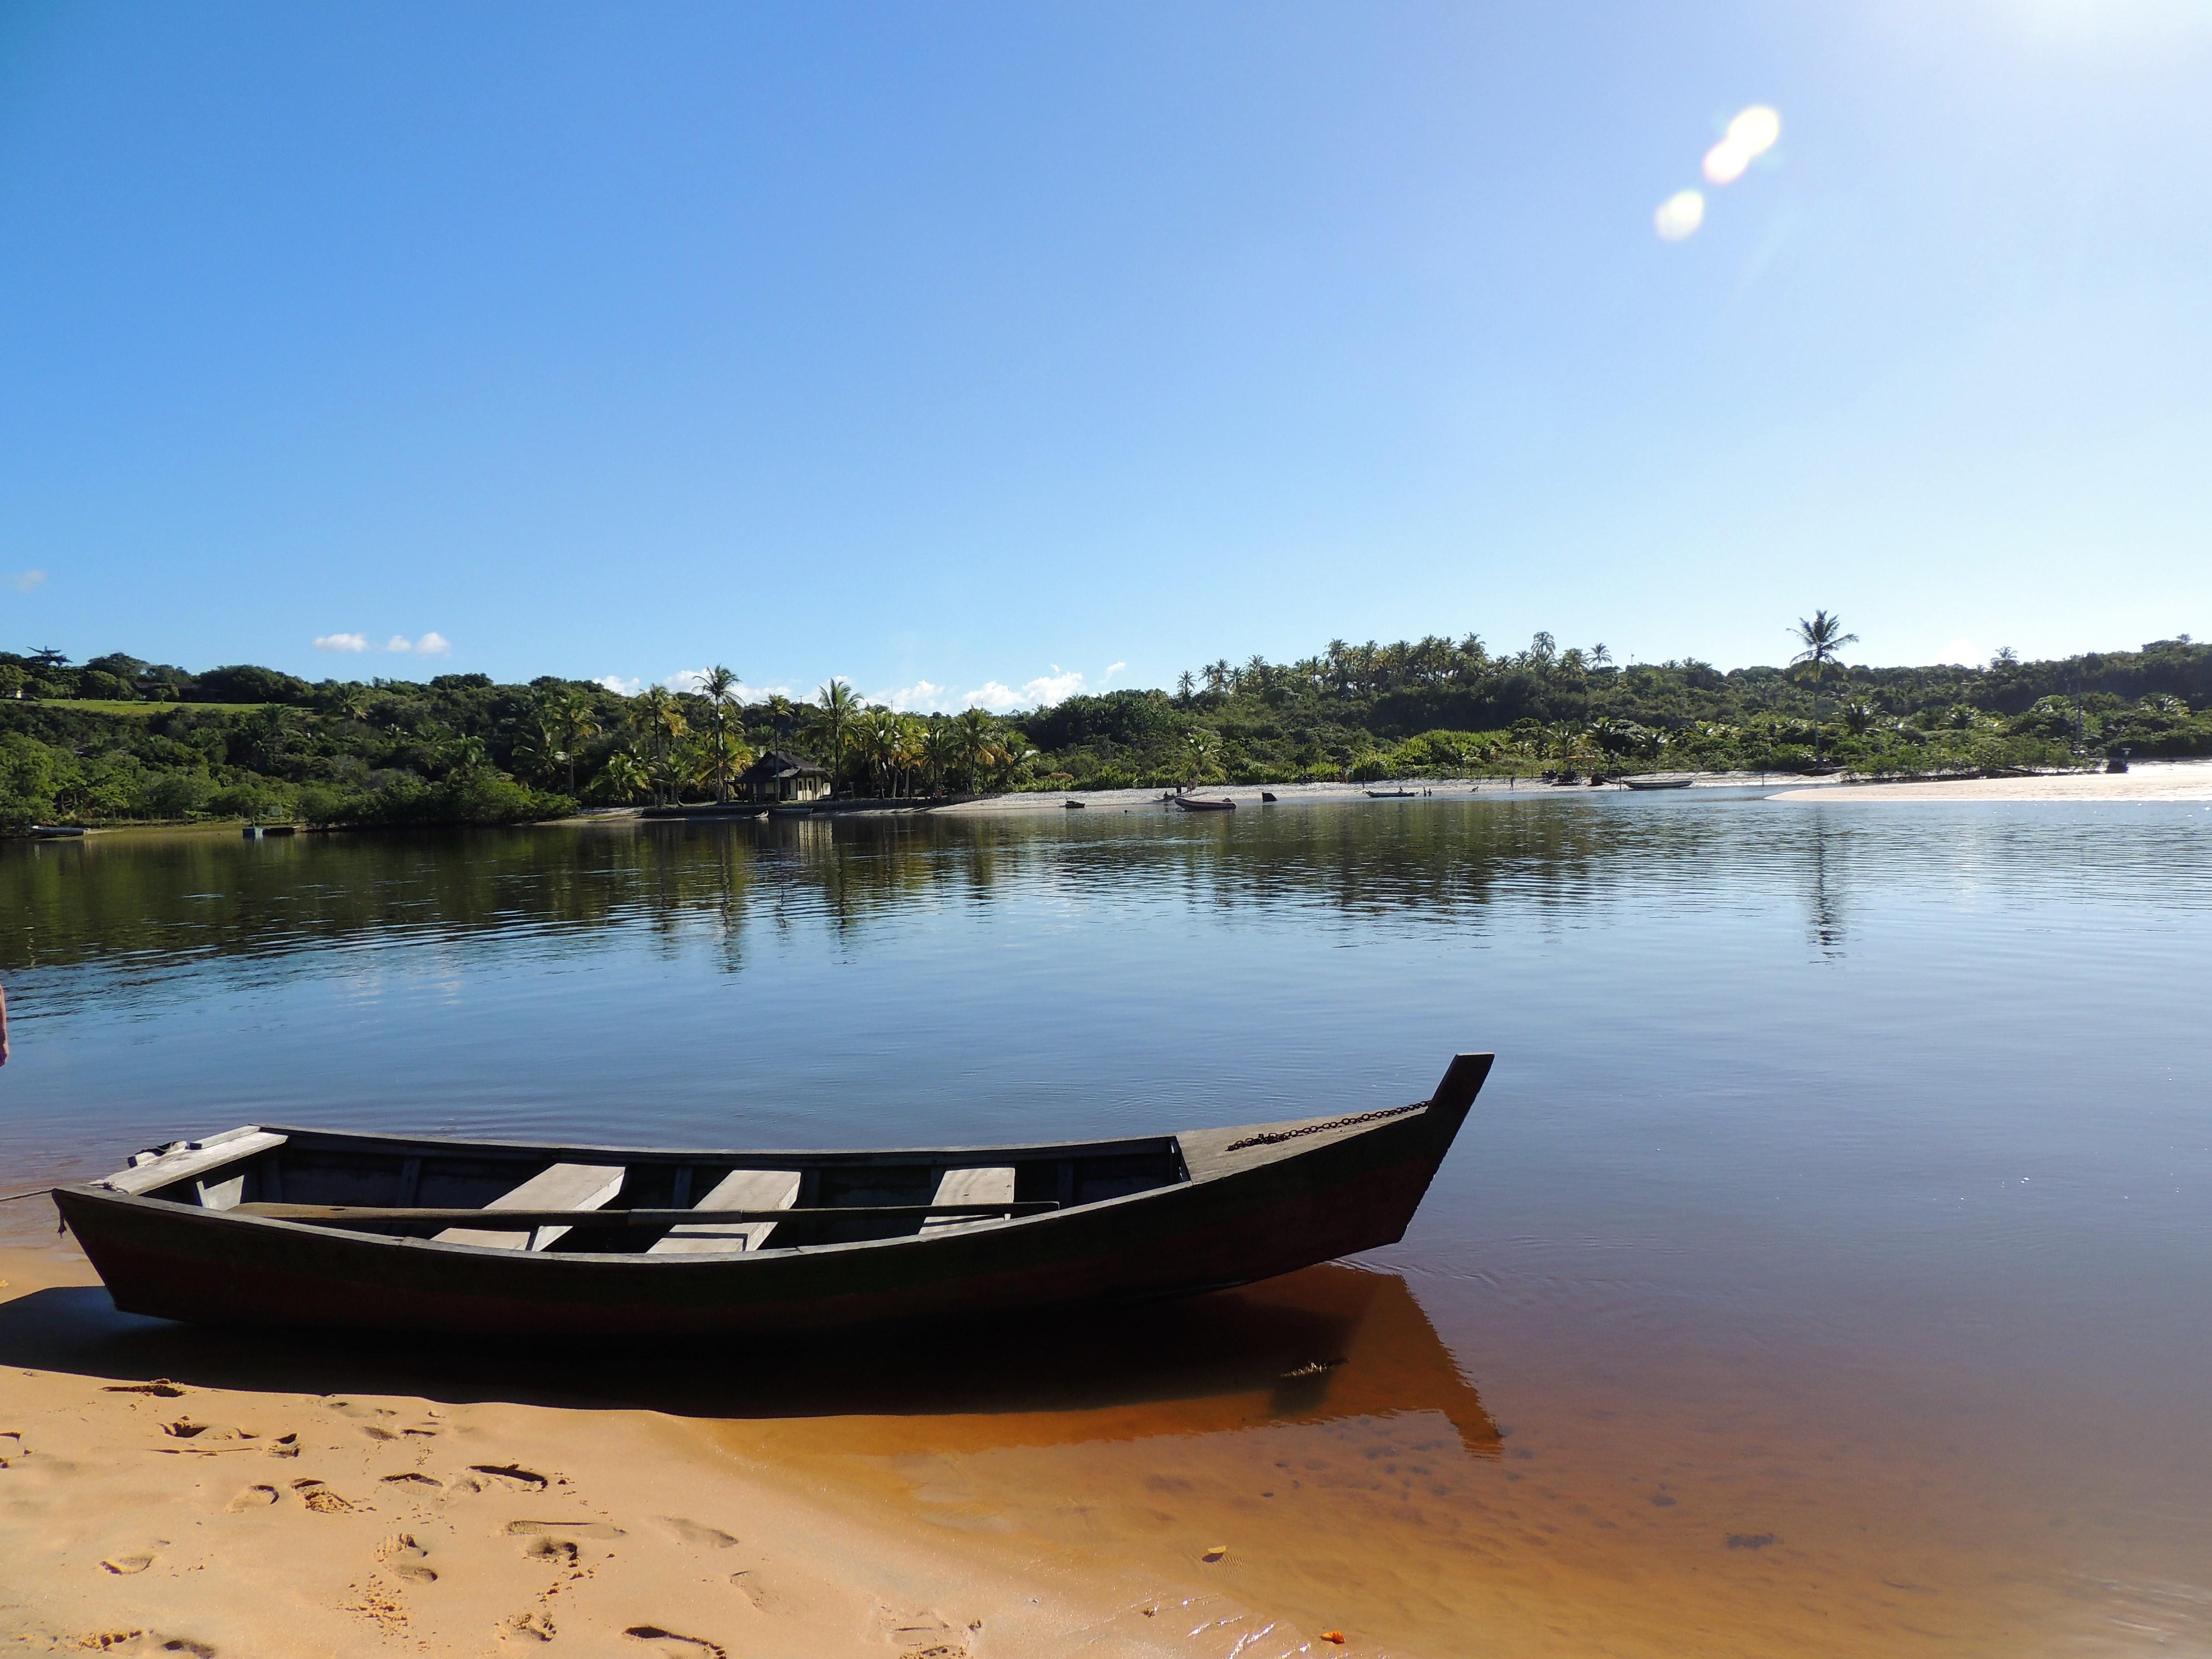 Barco no Rio - Caraíva